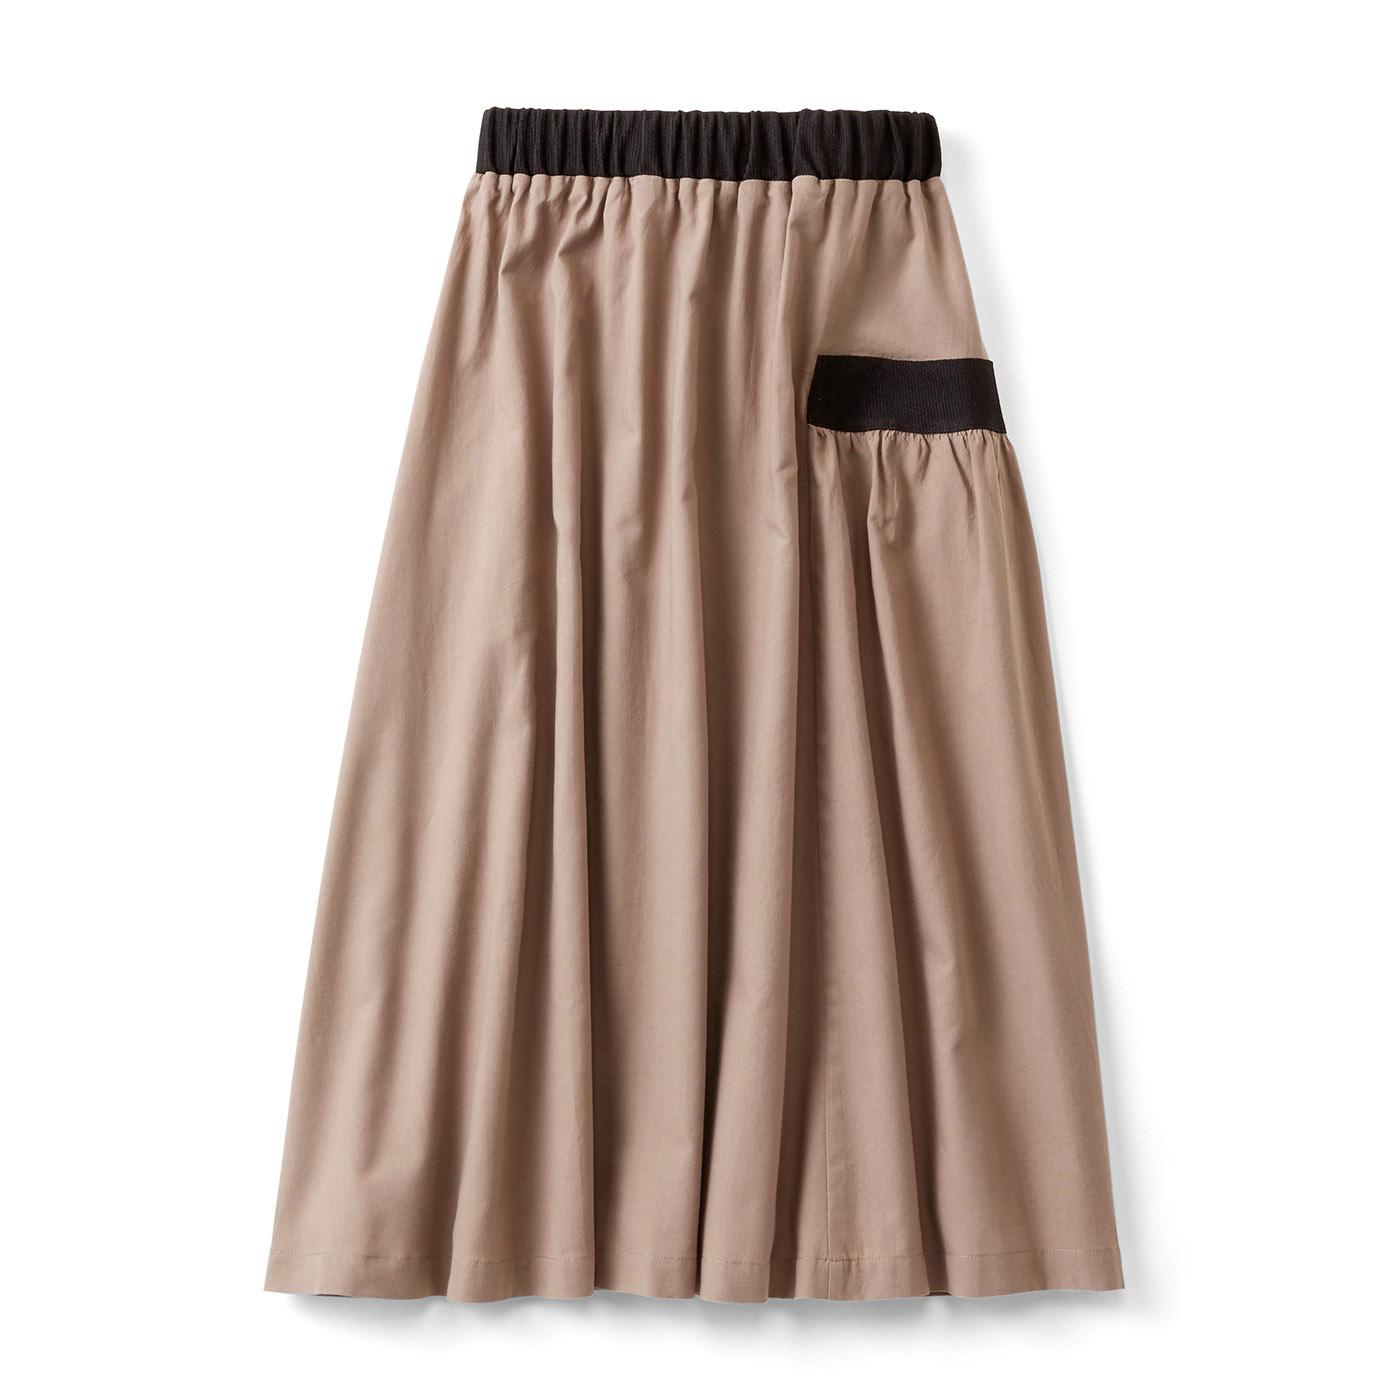 配色ラインがハンサムなギャザースカート